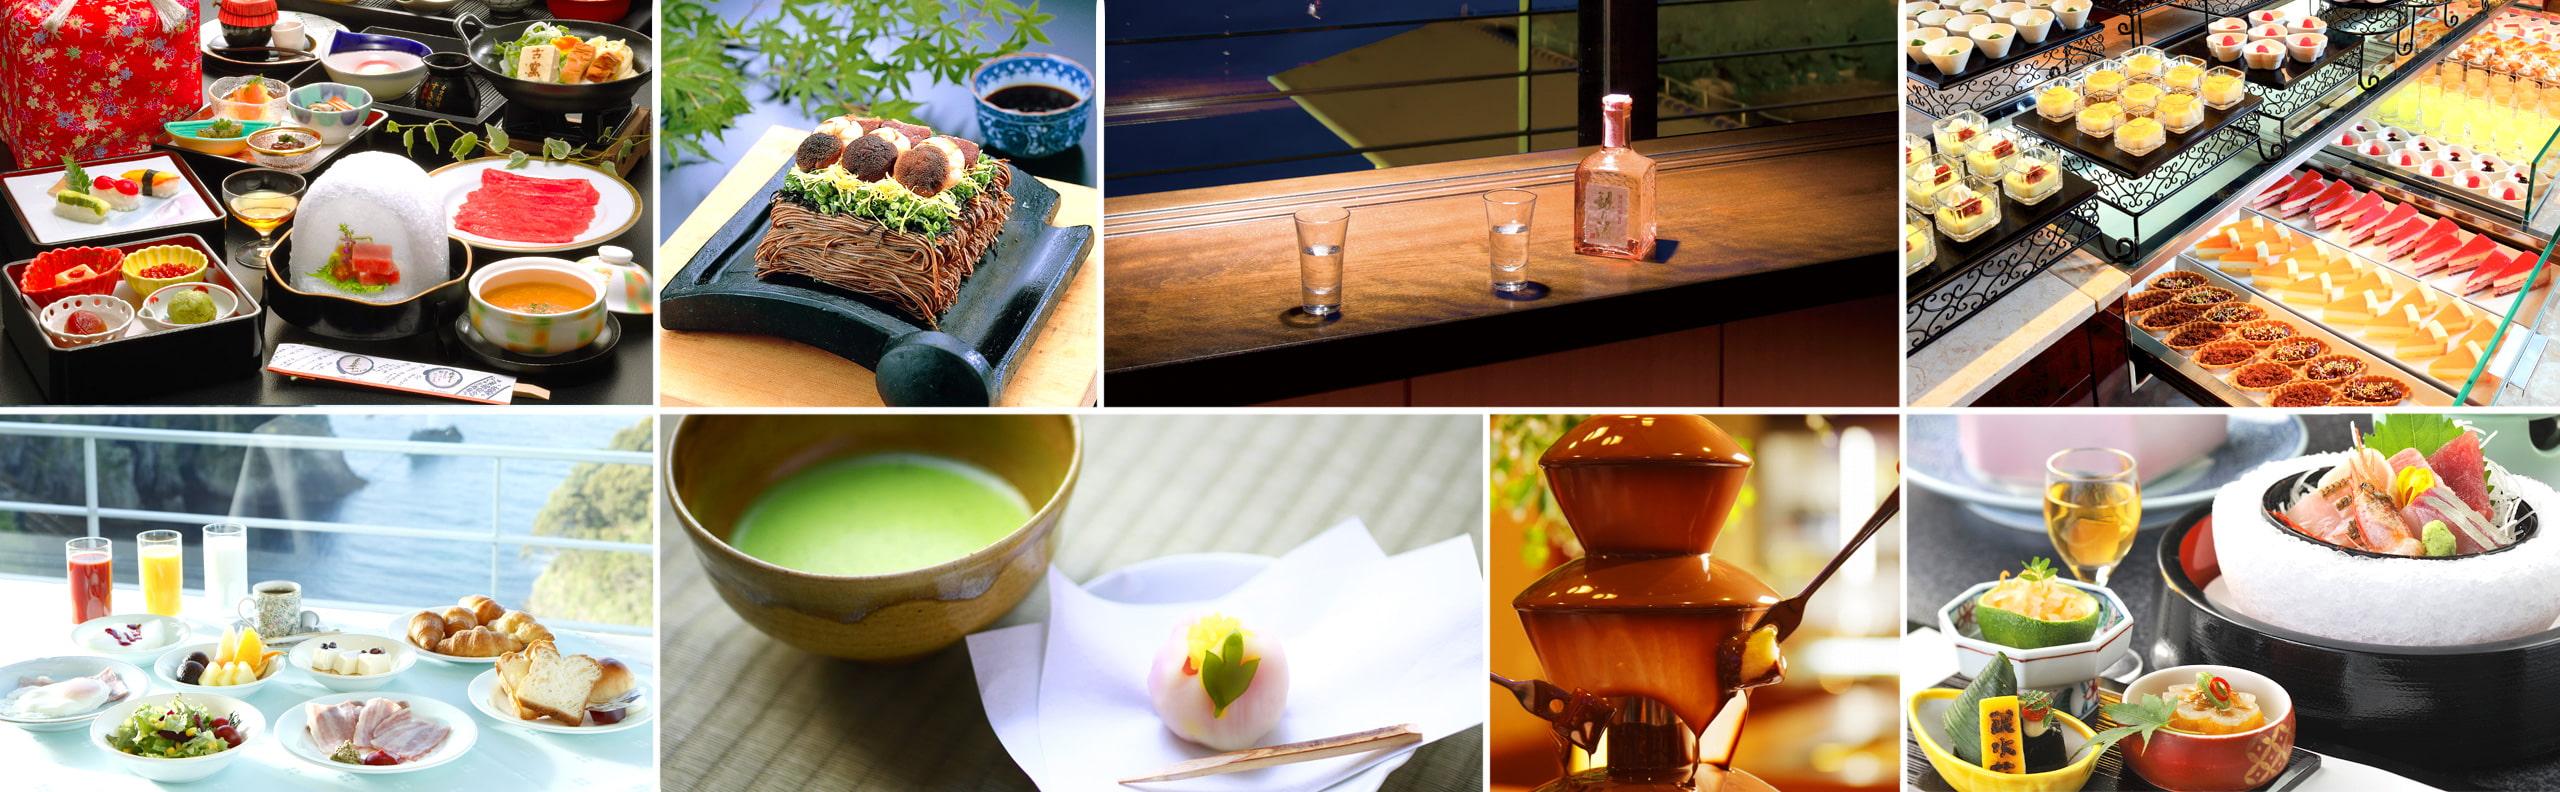 【東北】食事がおいしい温泉宿おすすめ8選!ご当 …